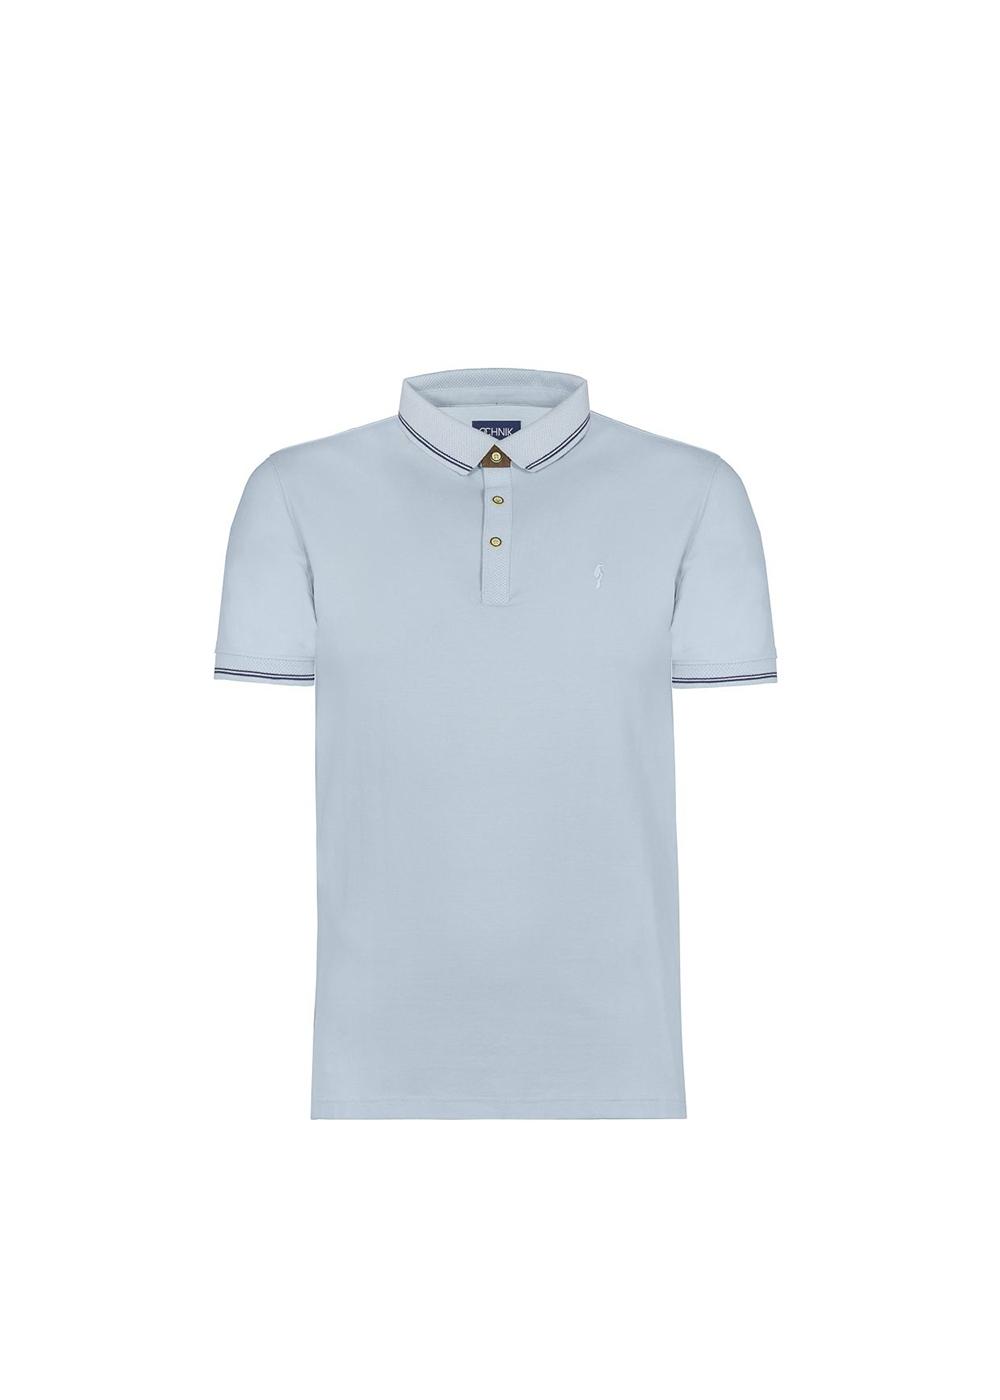 Koszulka polo POLMT-0019-50(W19)